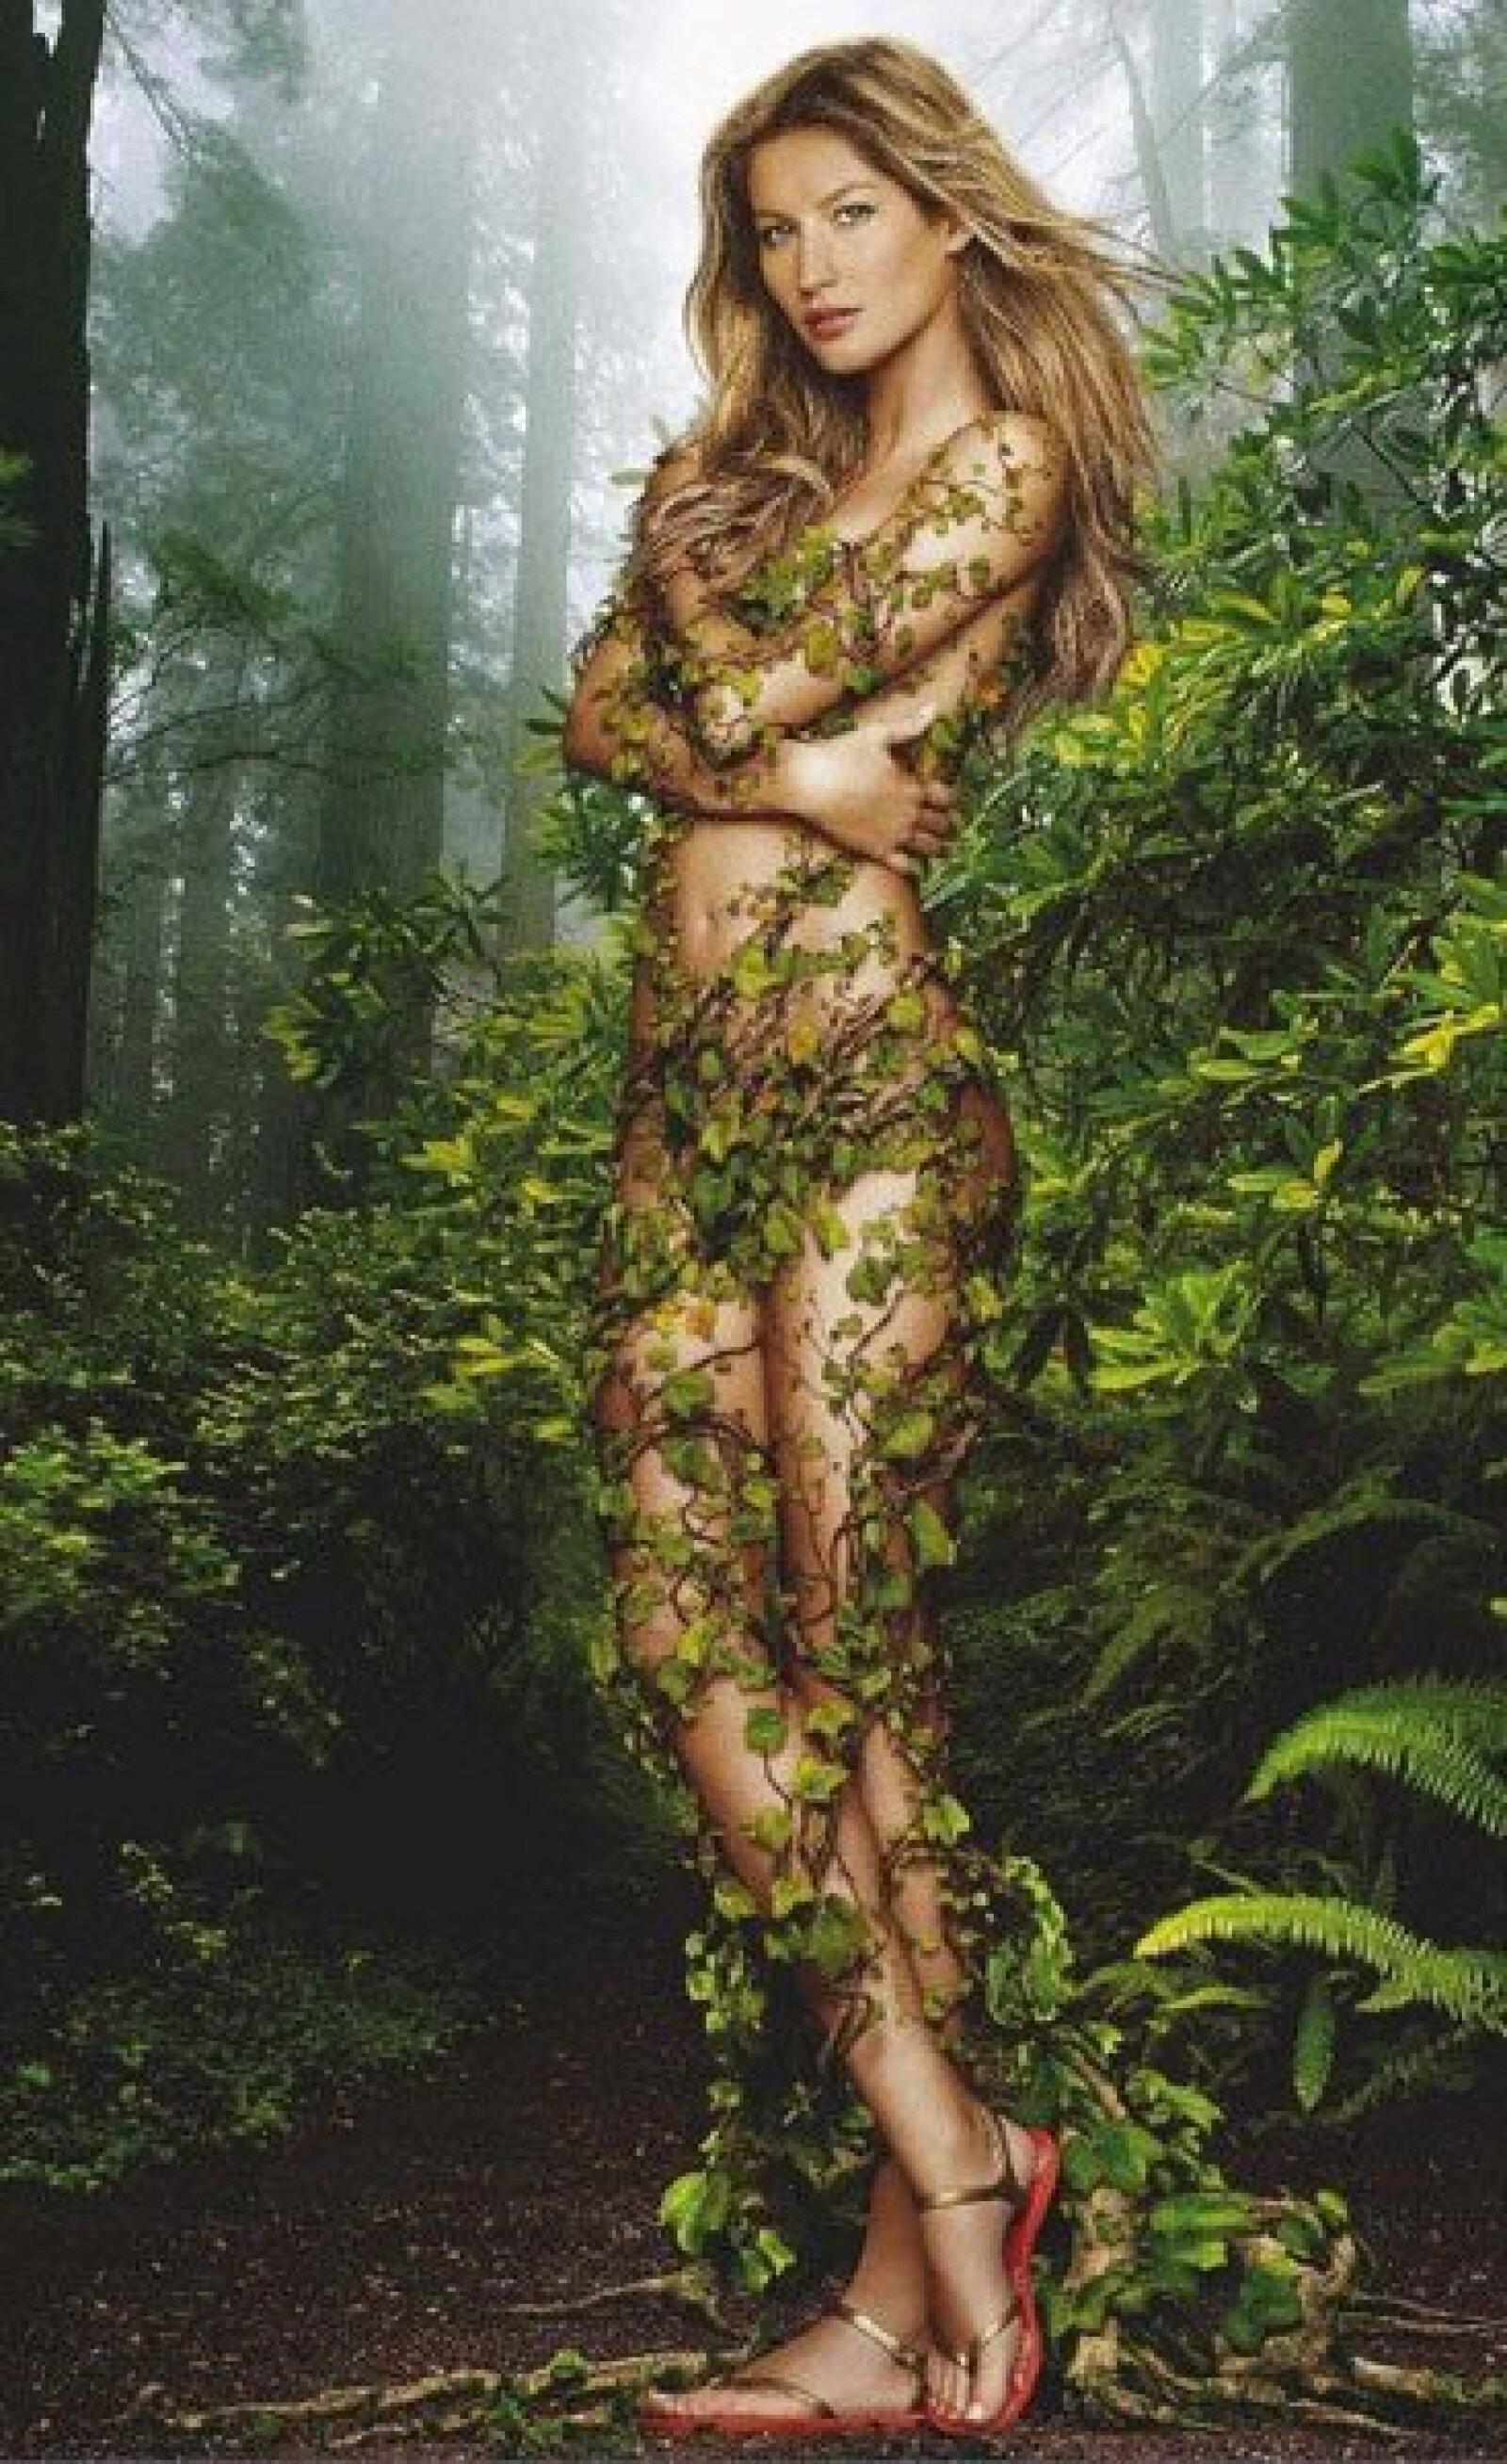 La modelo Gisele Bündchen posó desnuda